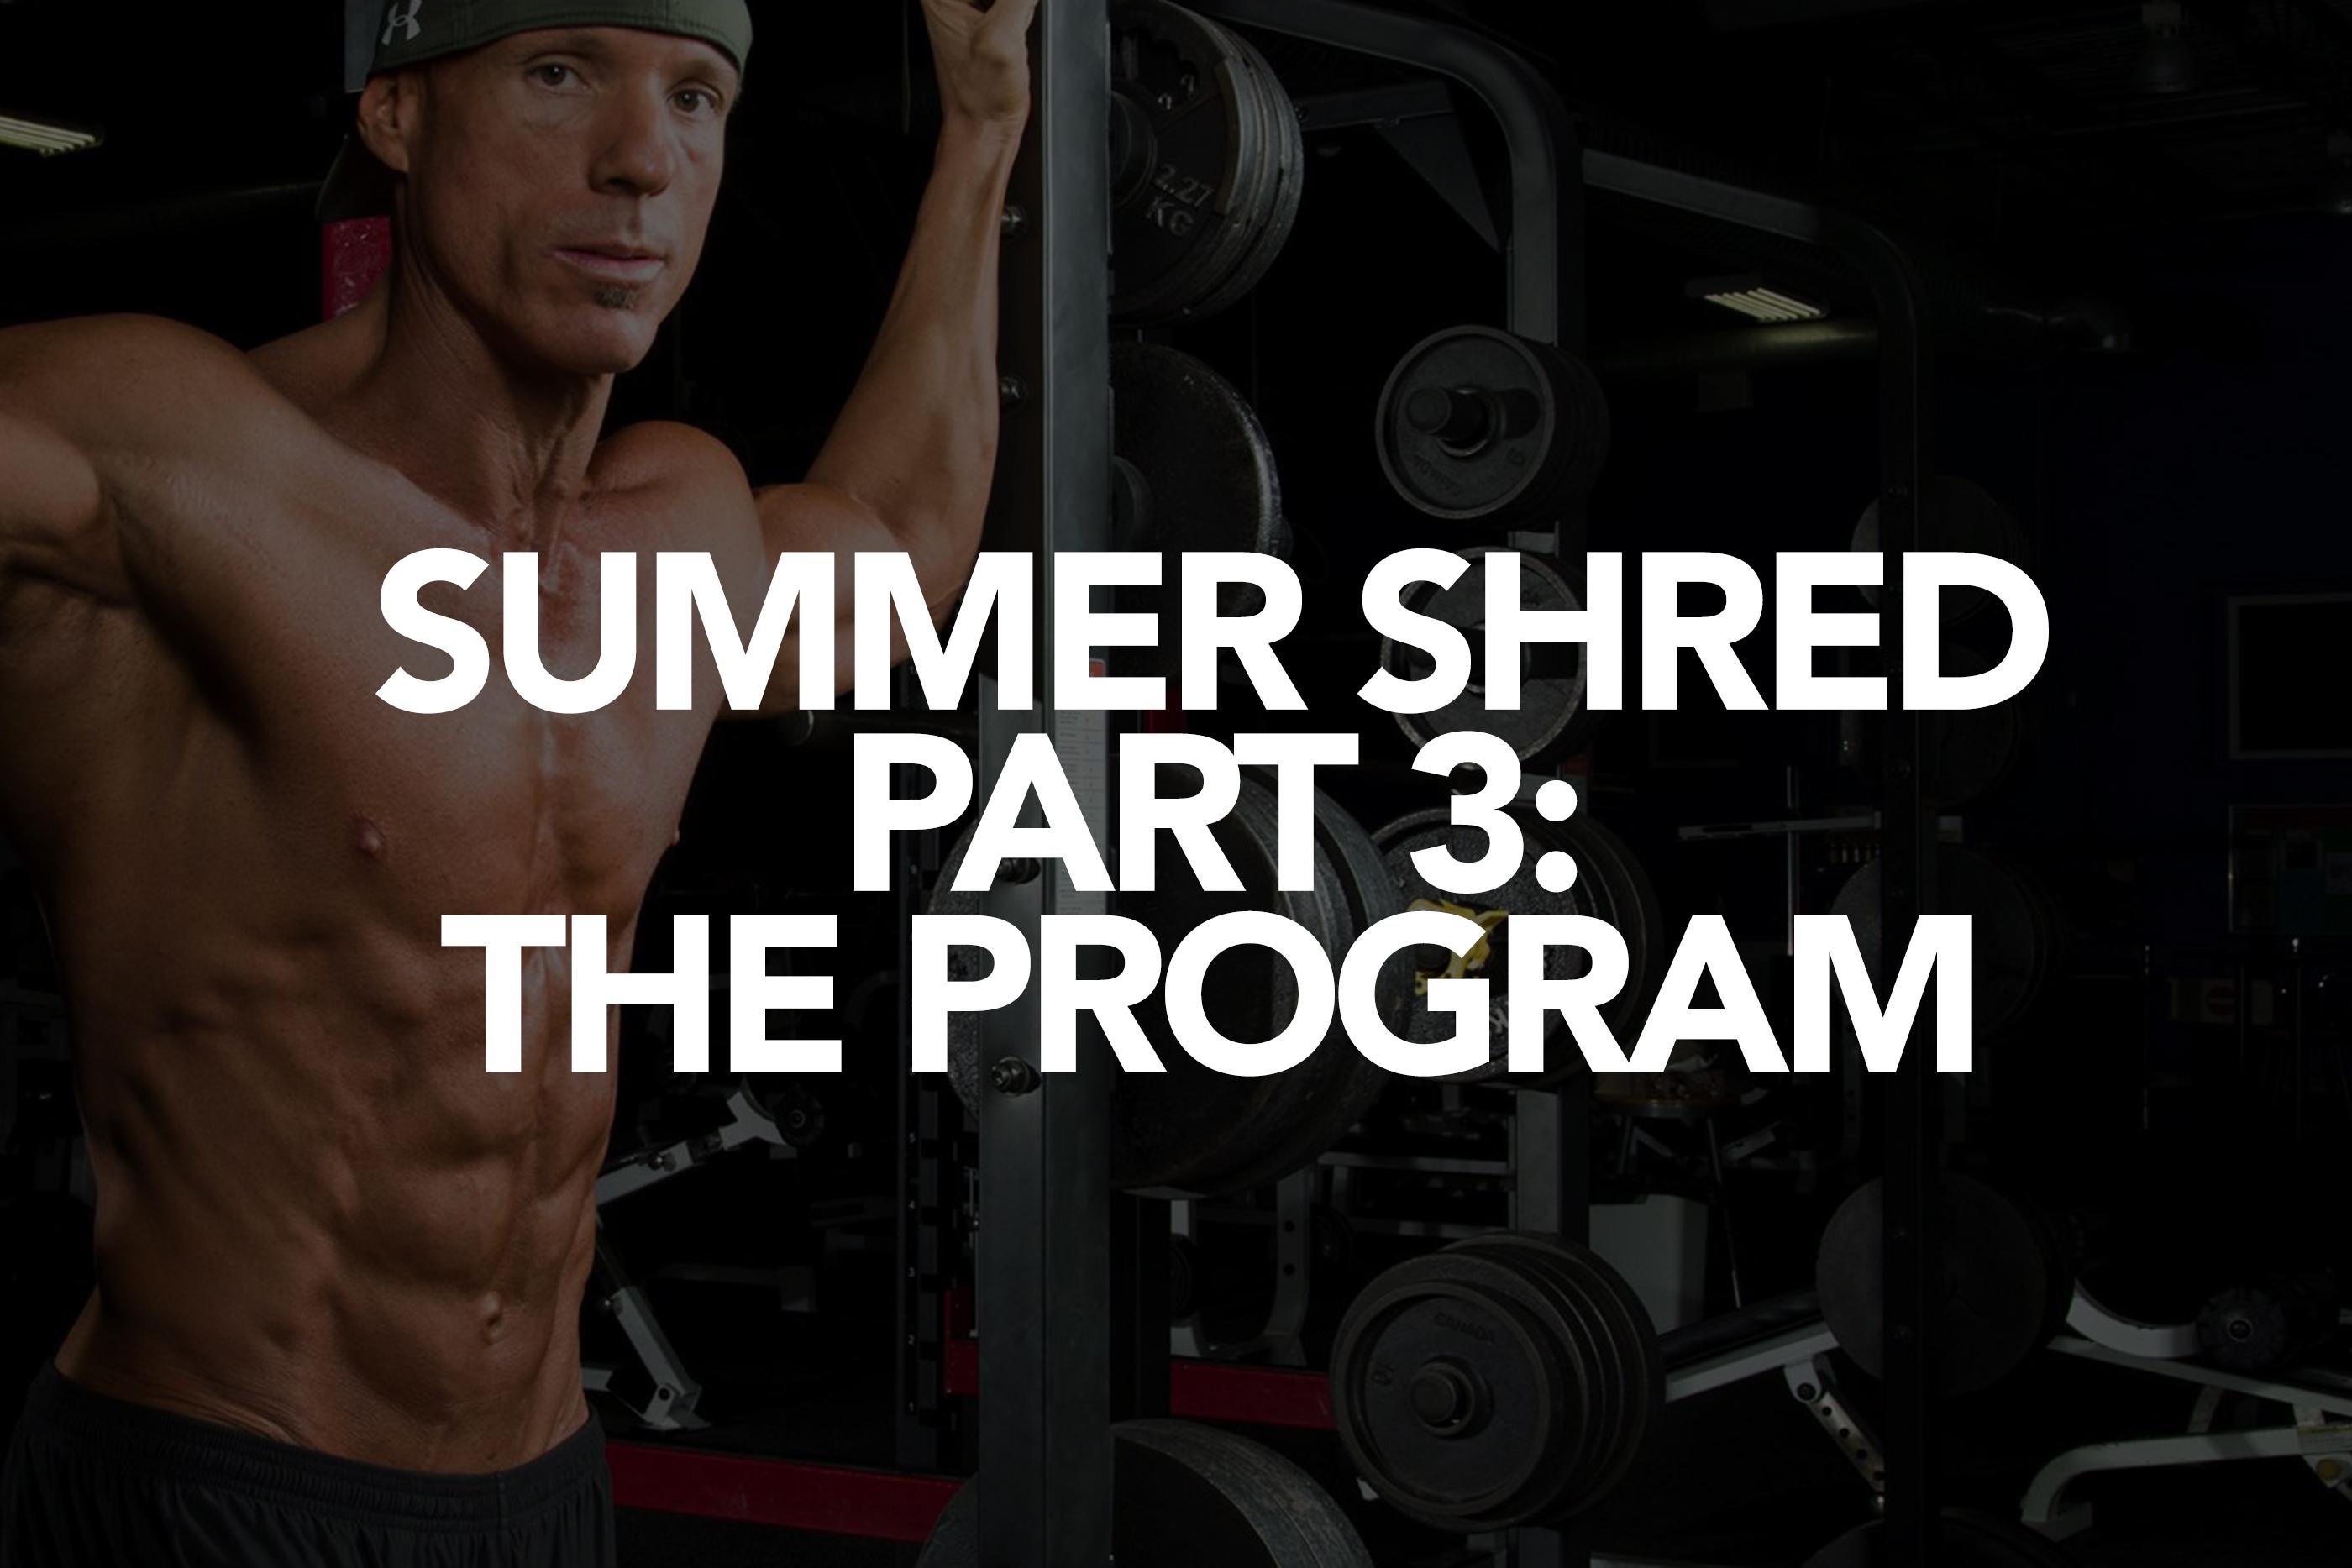 Summer Shredding Part 3: The Program